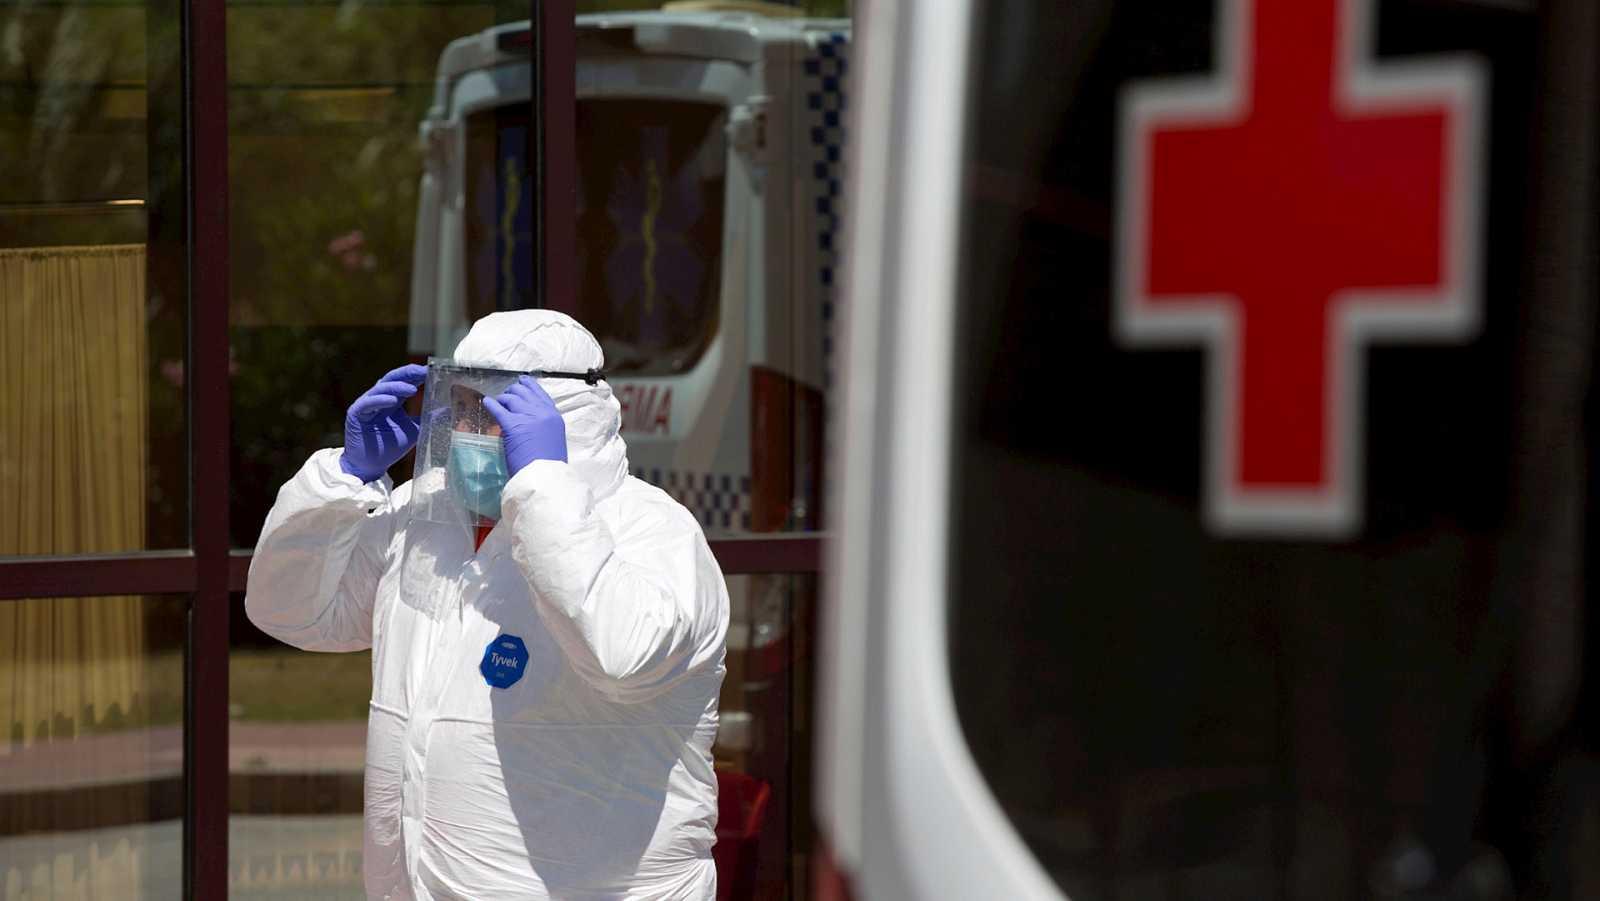 14 horas Fin de Semana - Nuevo brote de coronavirus en Málaga: 6 personas relacionadas con misma familia han dado positivo - Escuchar ahora